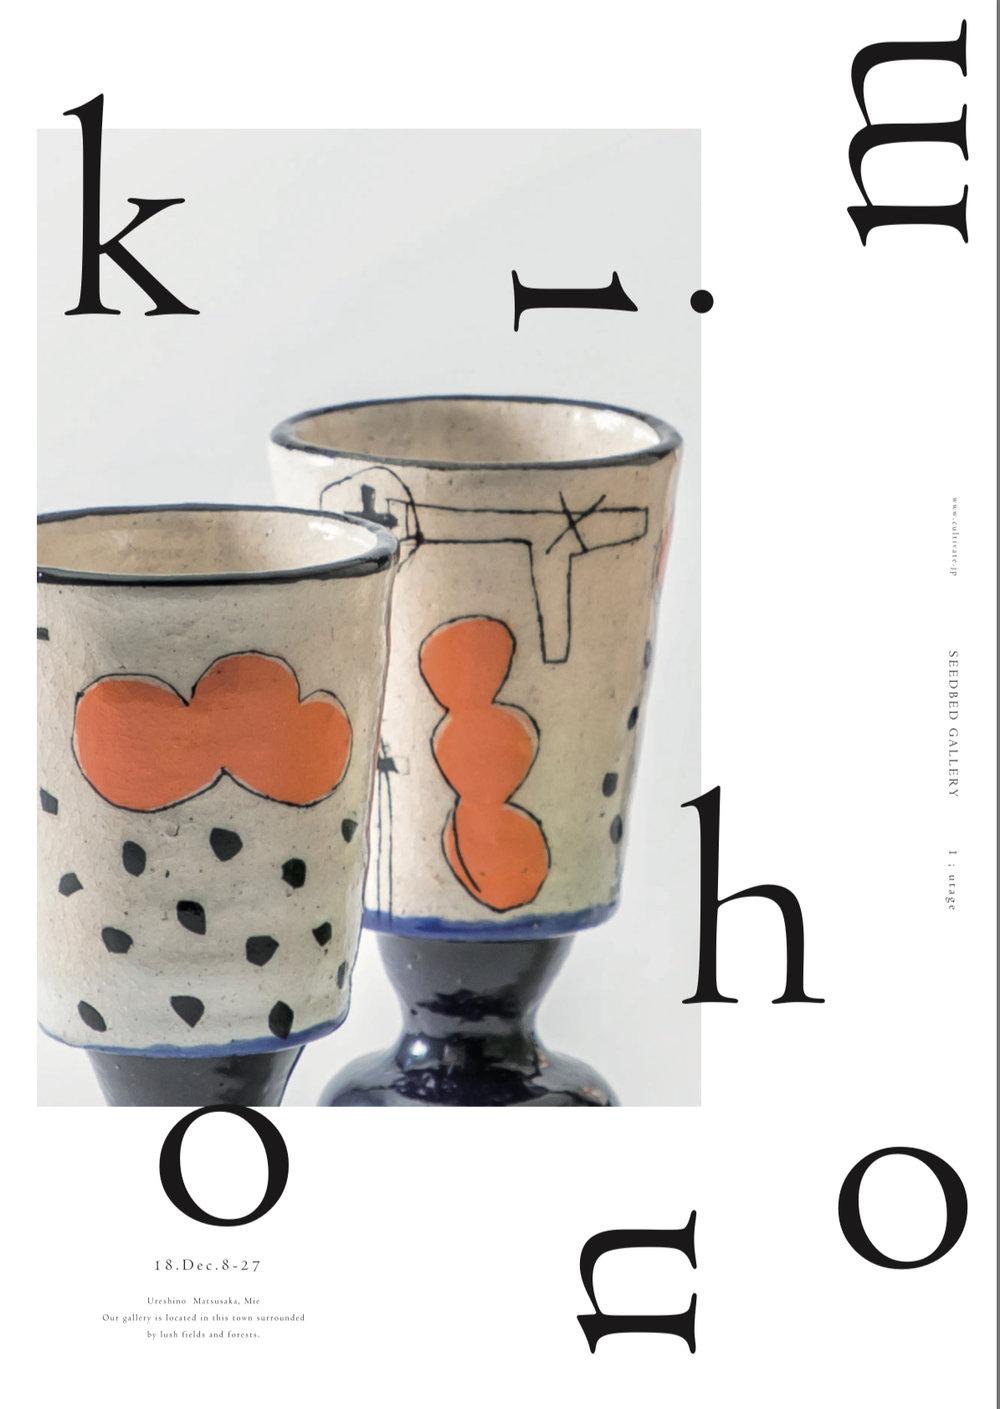 キムホノ展/2018.12.8-27